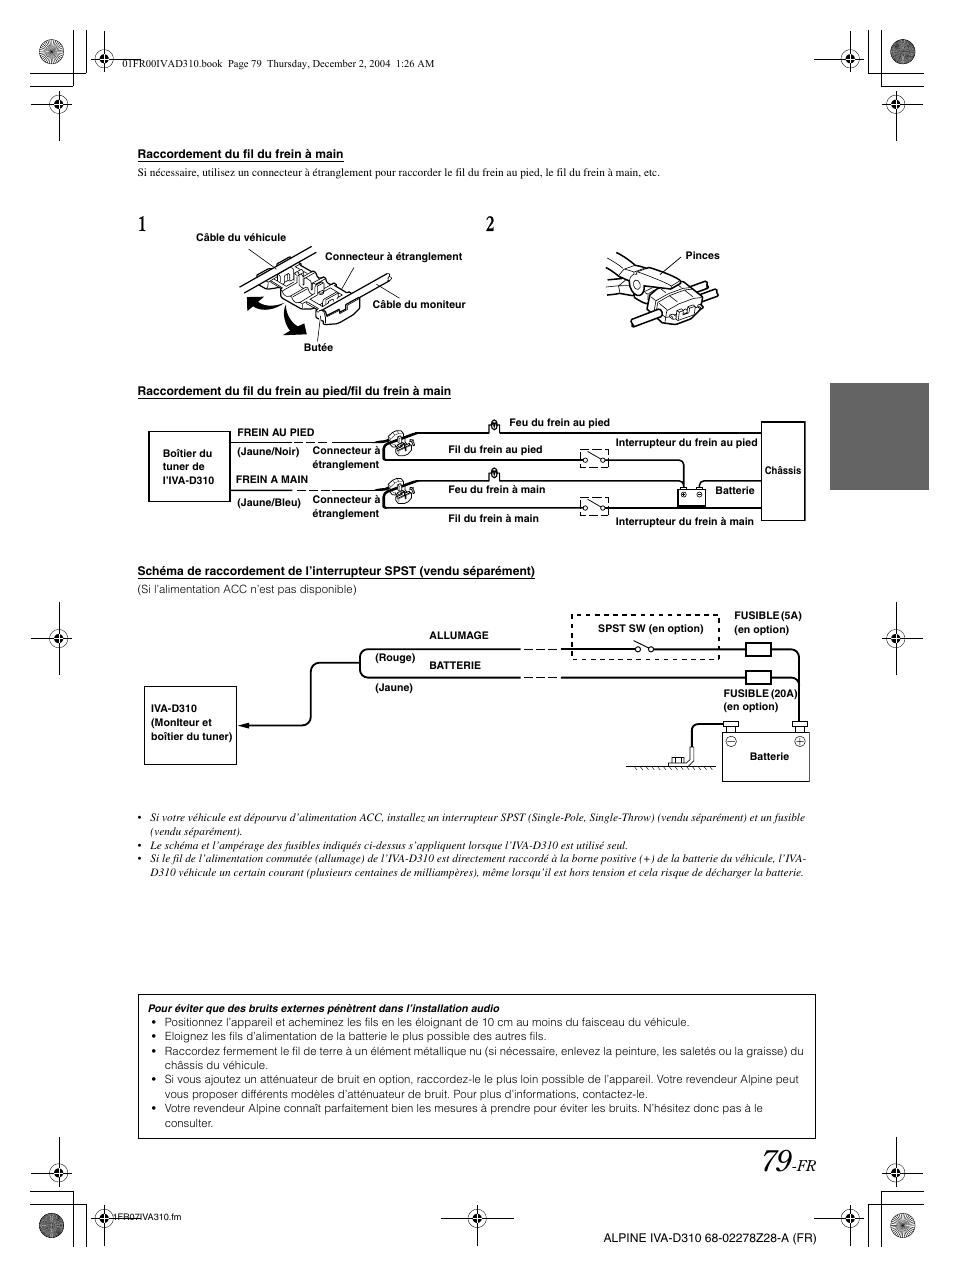 alpine iva d310 wiring diagram alpine iva-d310 manual pdf alpine car radio wiring diagram